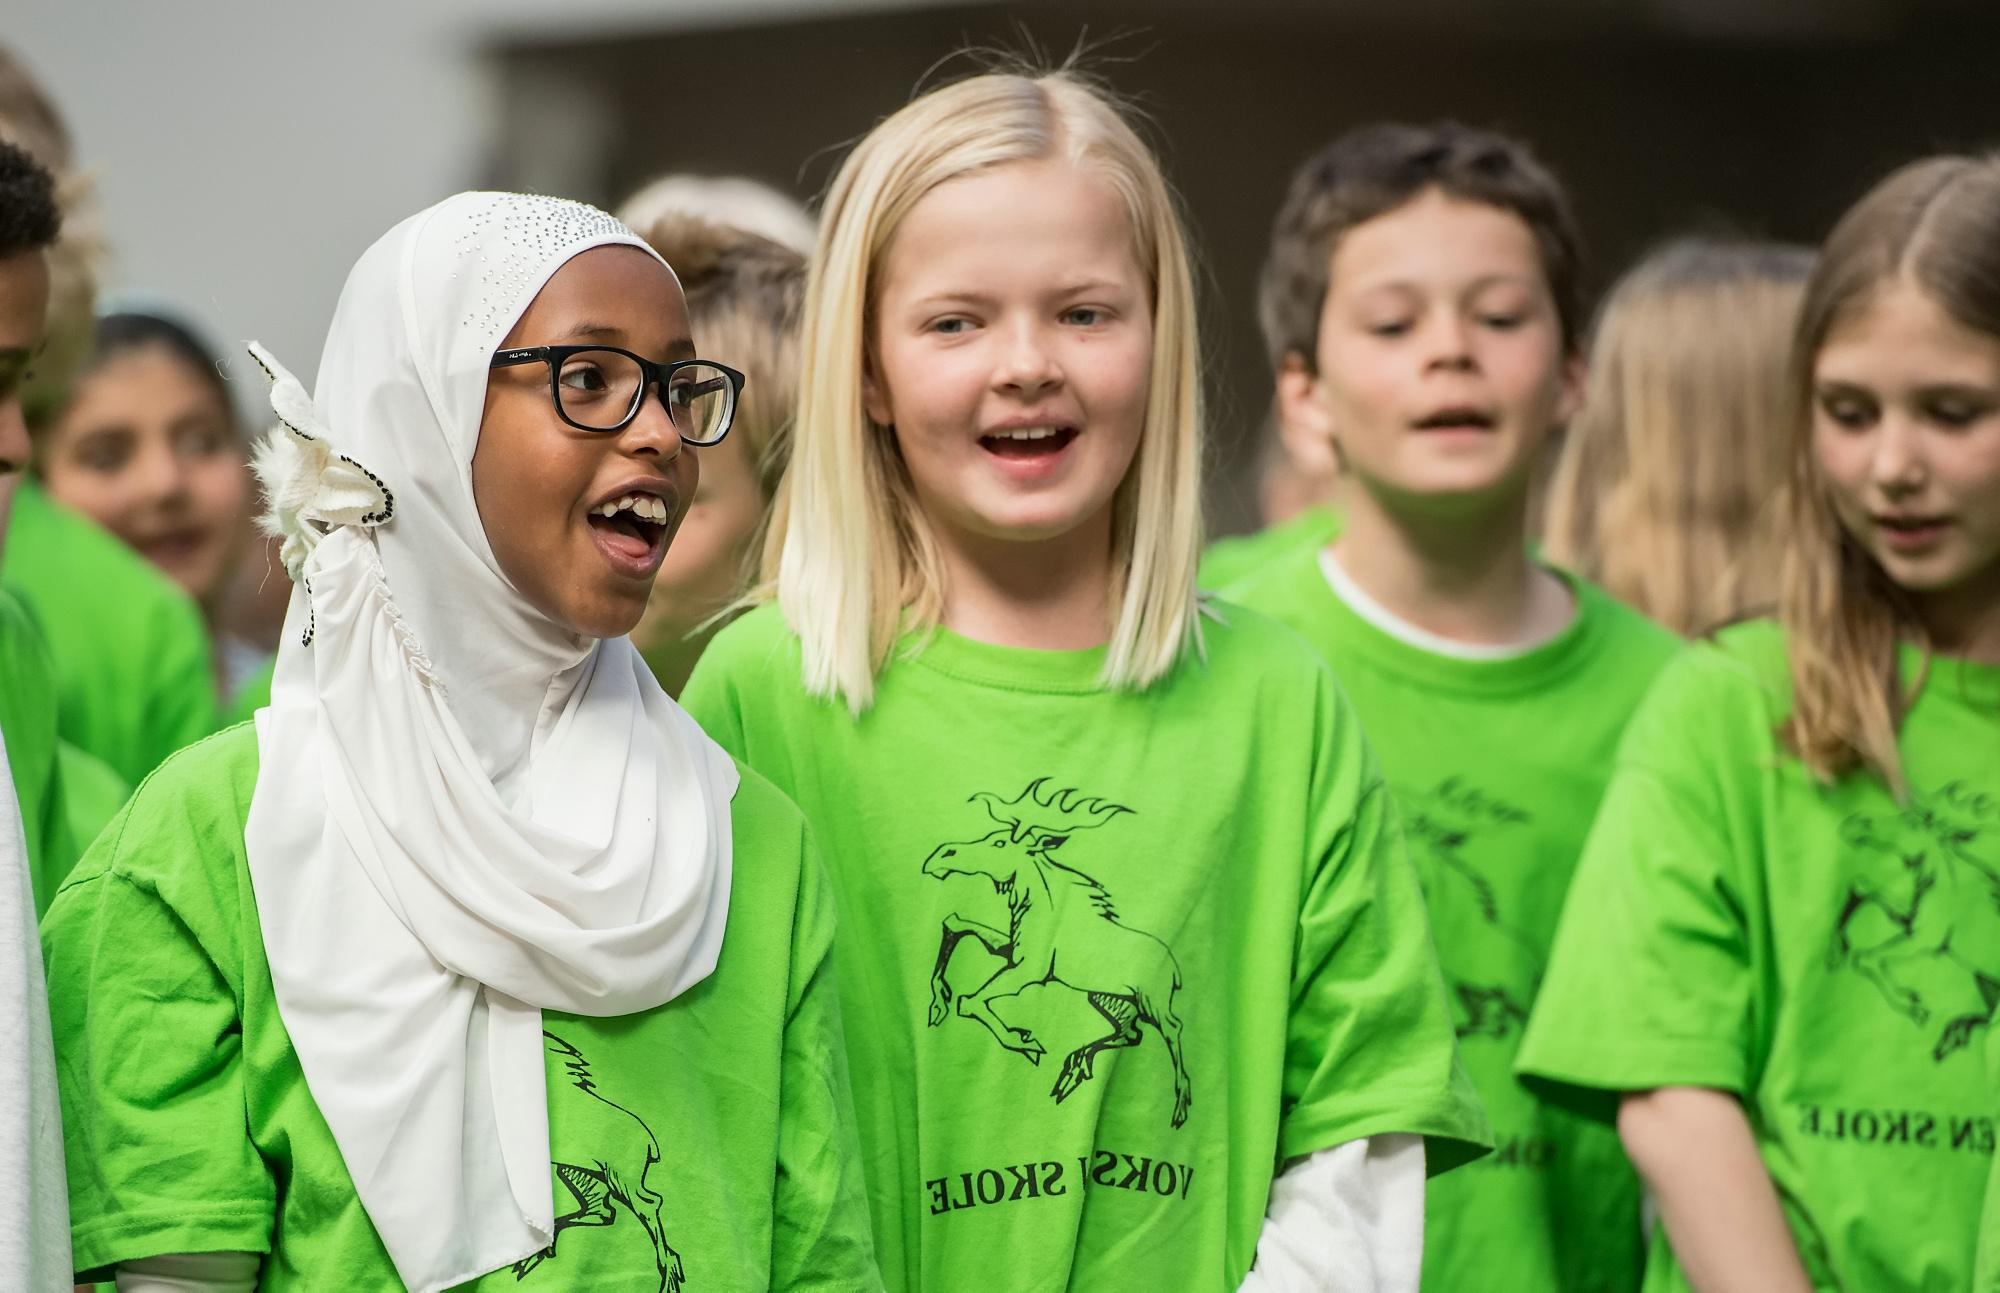 Bli en Syngende skole - Vil din skole satse på sang som en positiv og synlig aktivitet i skolehverdagen, og på den måten styrke både læringsmiljøet og det psykososiale miljøet? Få ressursene og veiledningen til å kunne gjennomføre et sangløft!